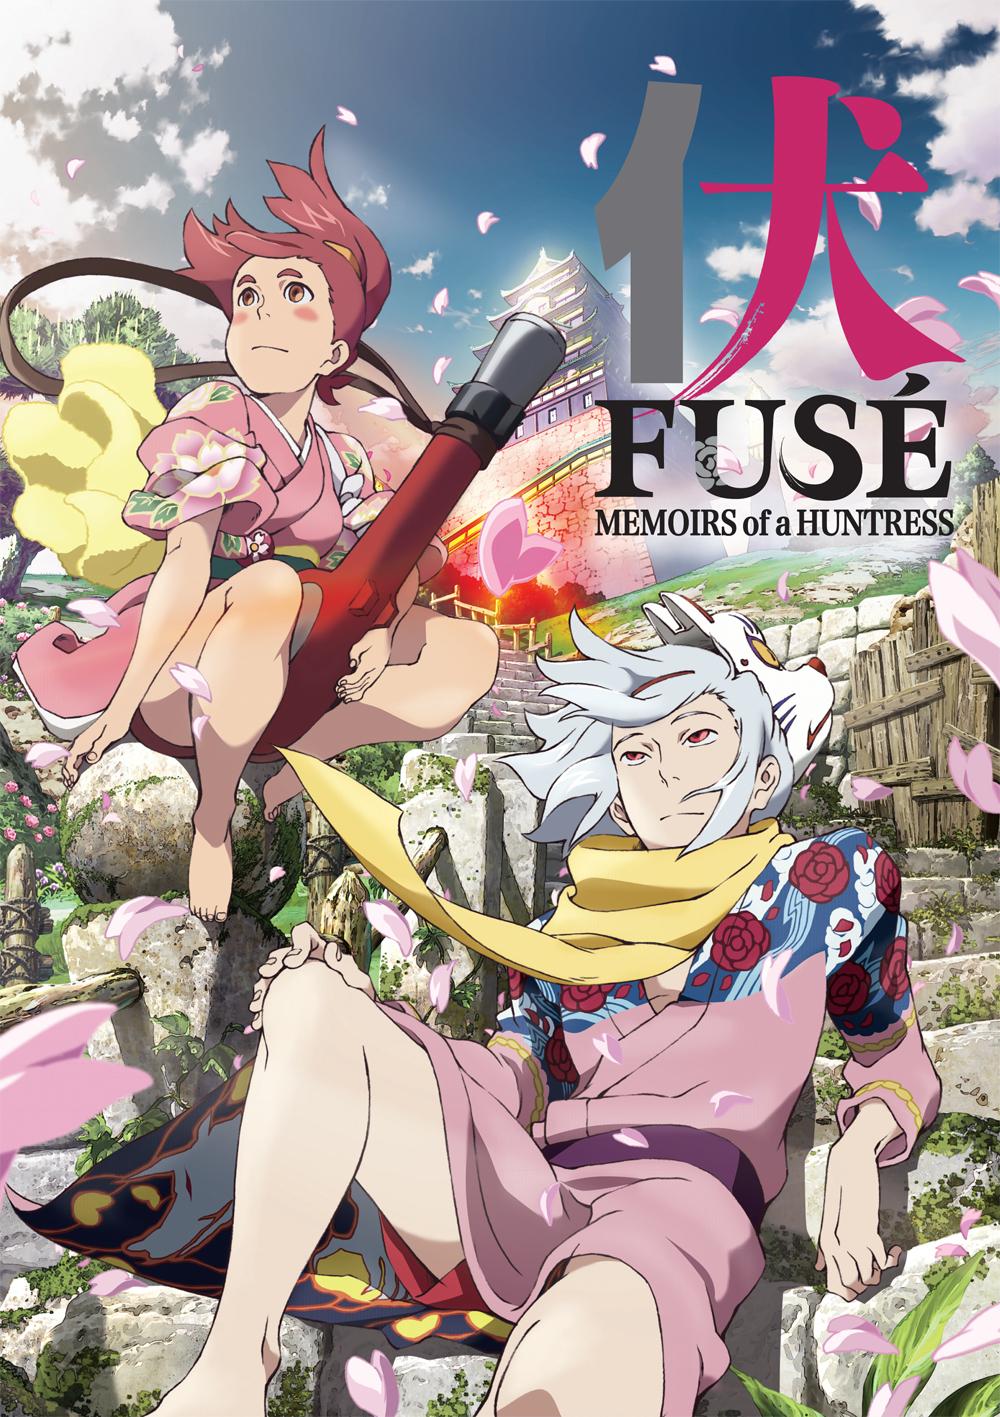 Nữ Thợ Săn -Fusé: Memoirs of a Huntress